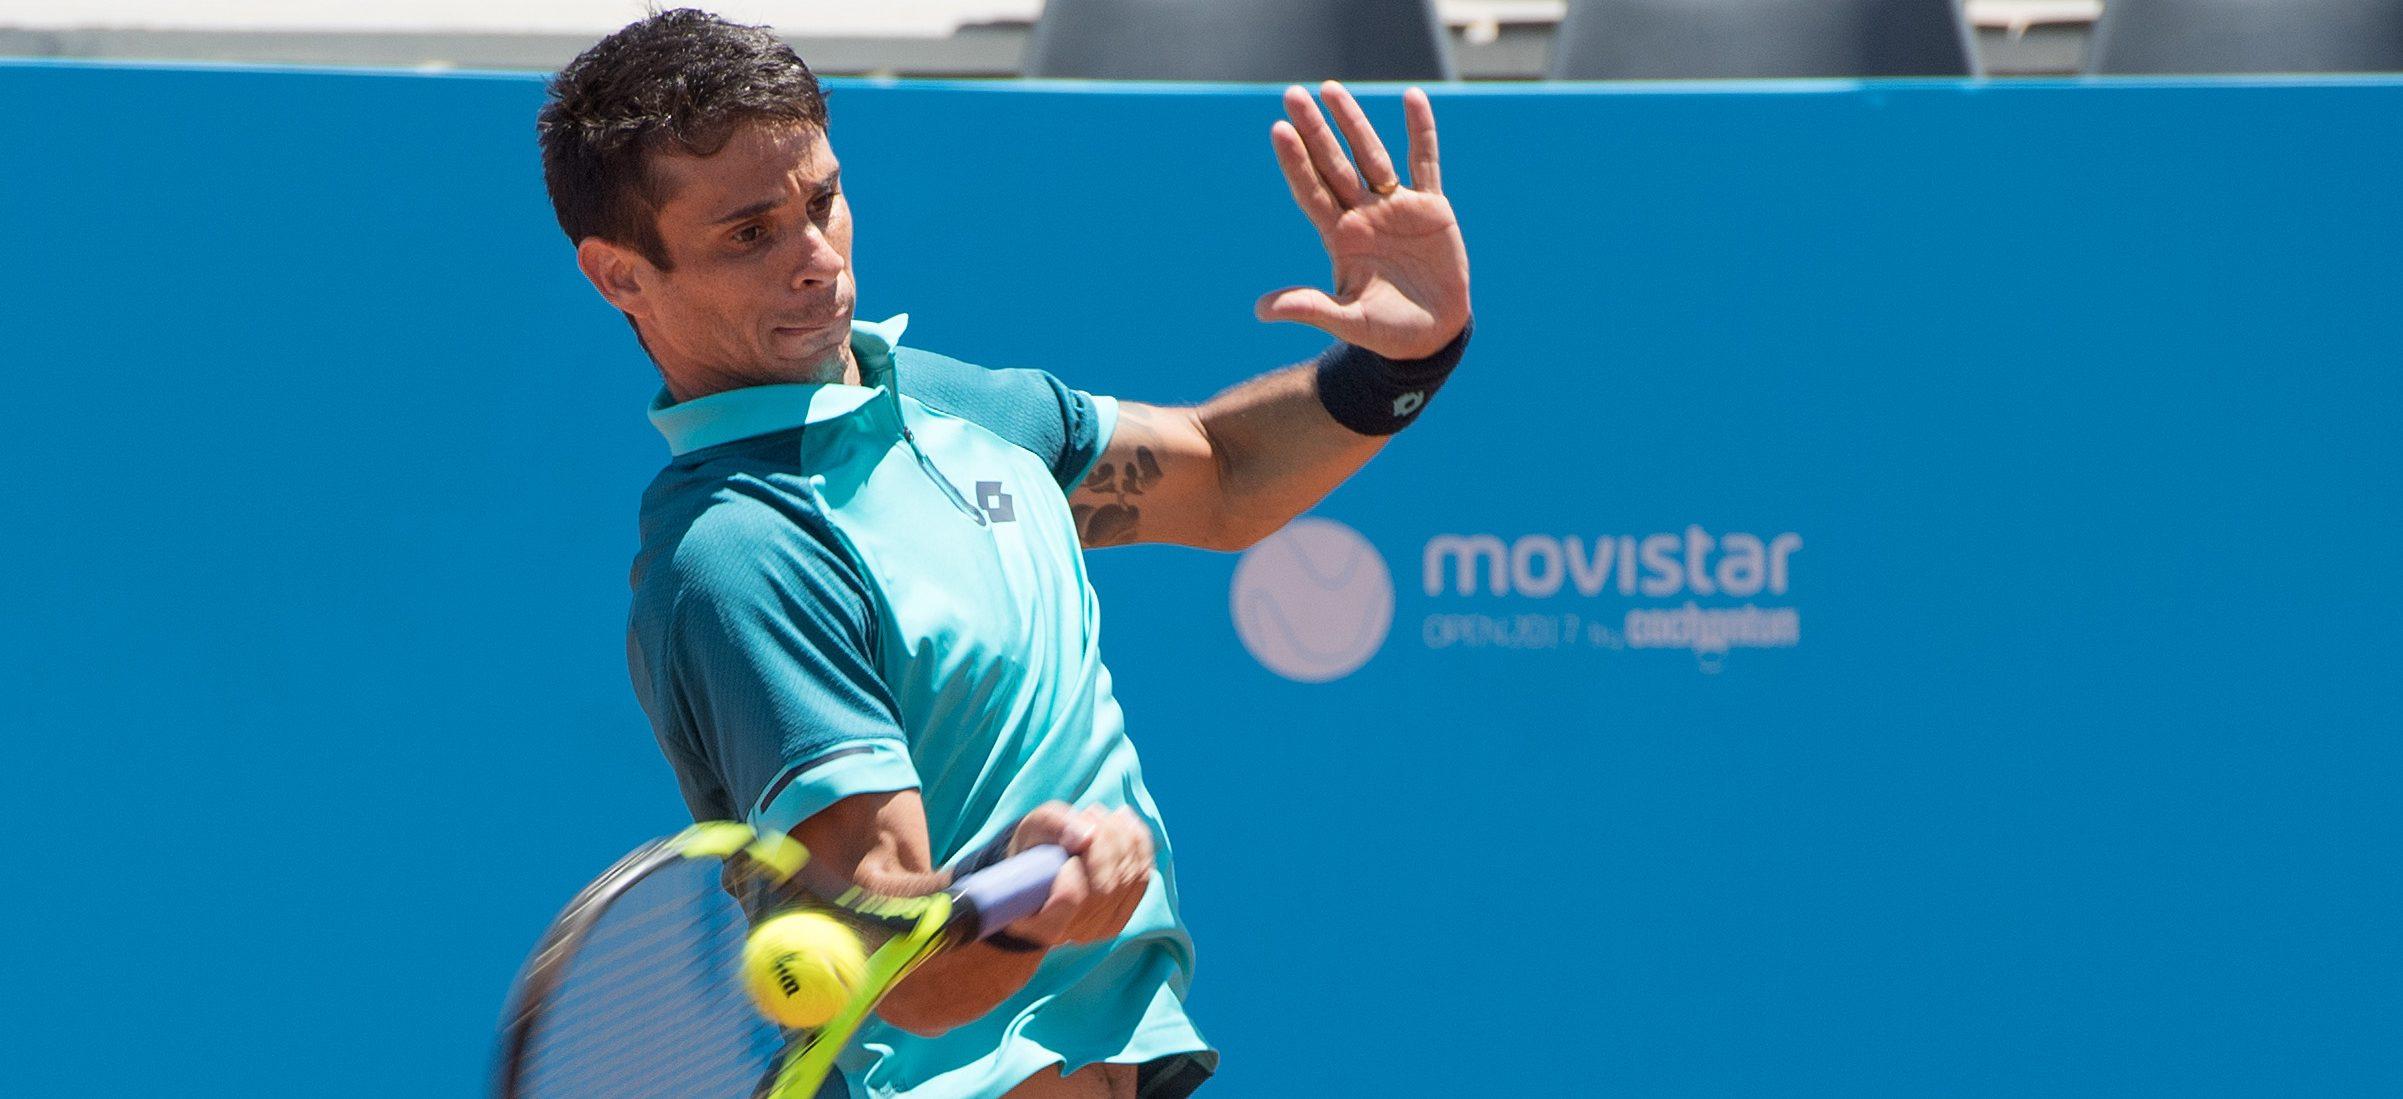 Triunfo de Jarry y homenaje a tenistas marcaron la tercera jornada del Movistar Open